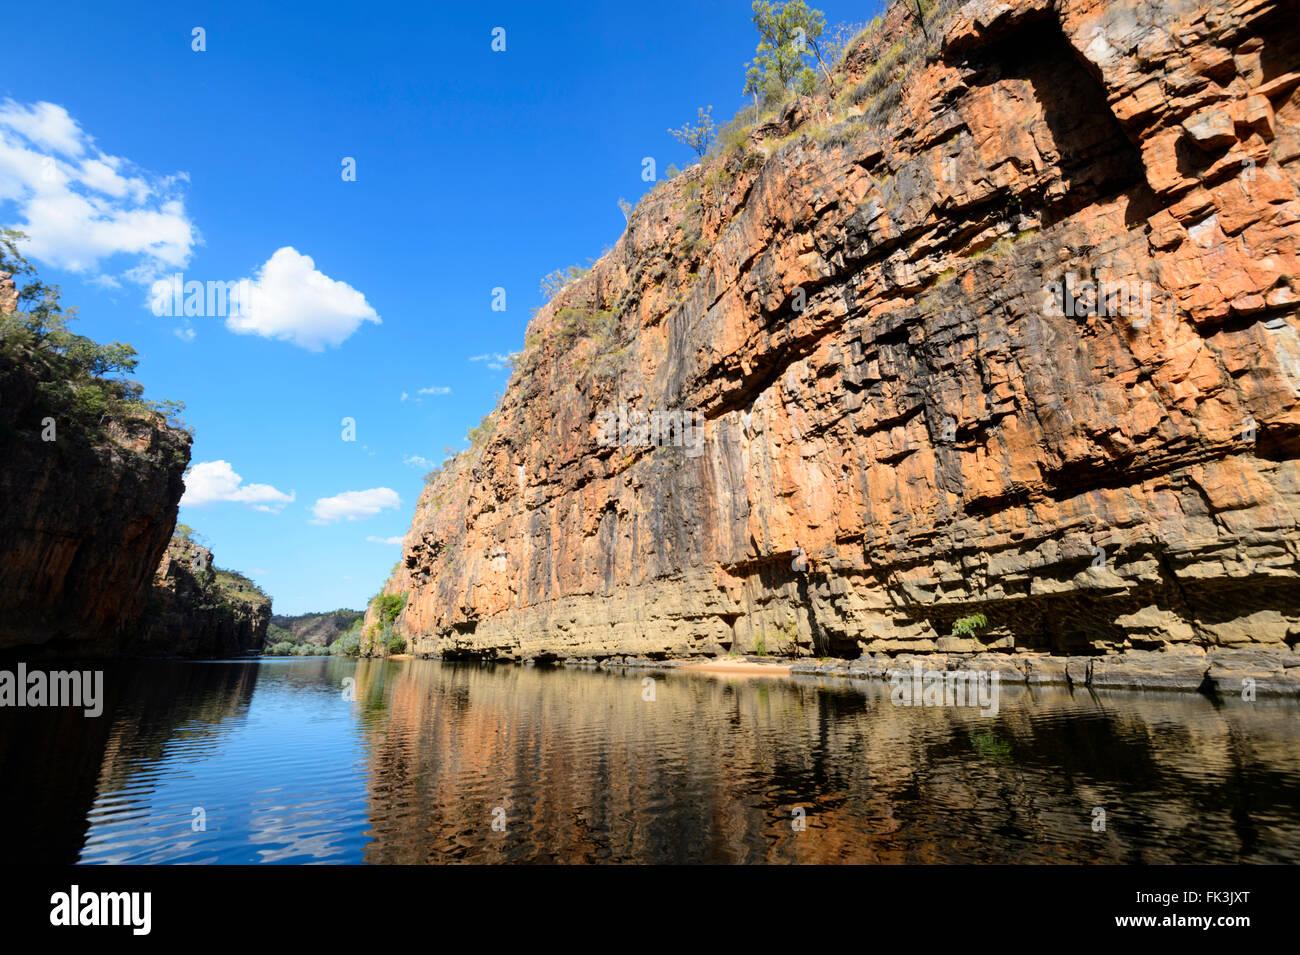 Gorge de Katherine, Territoire du Nord, Australie Banque D'Images